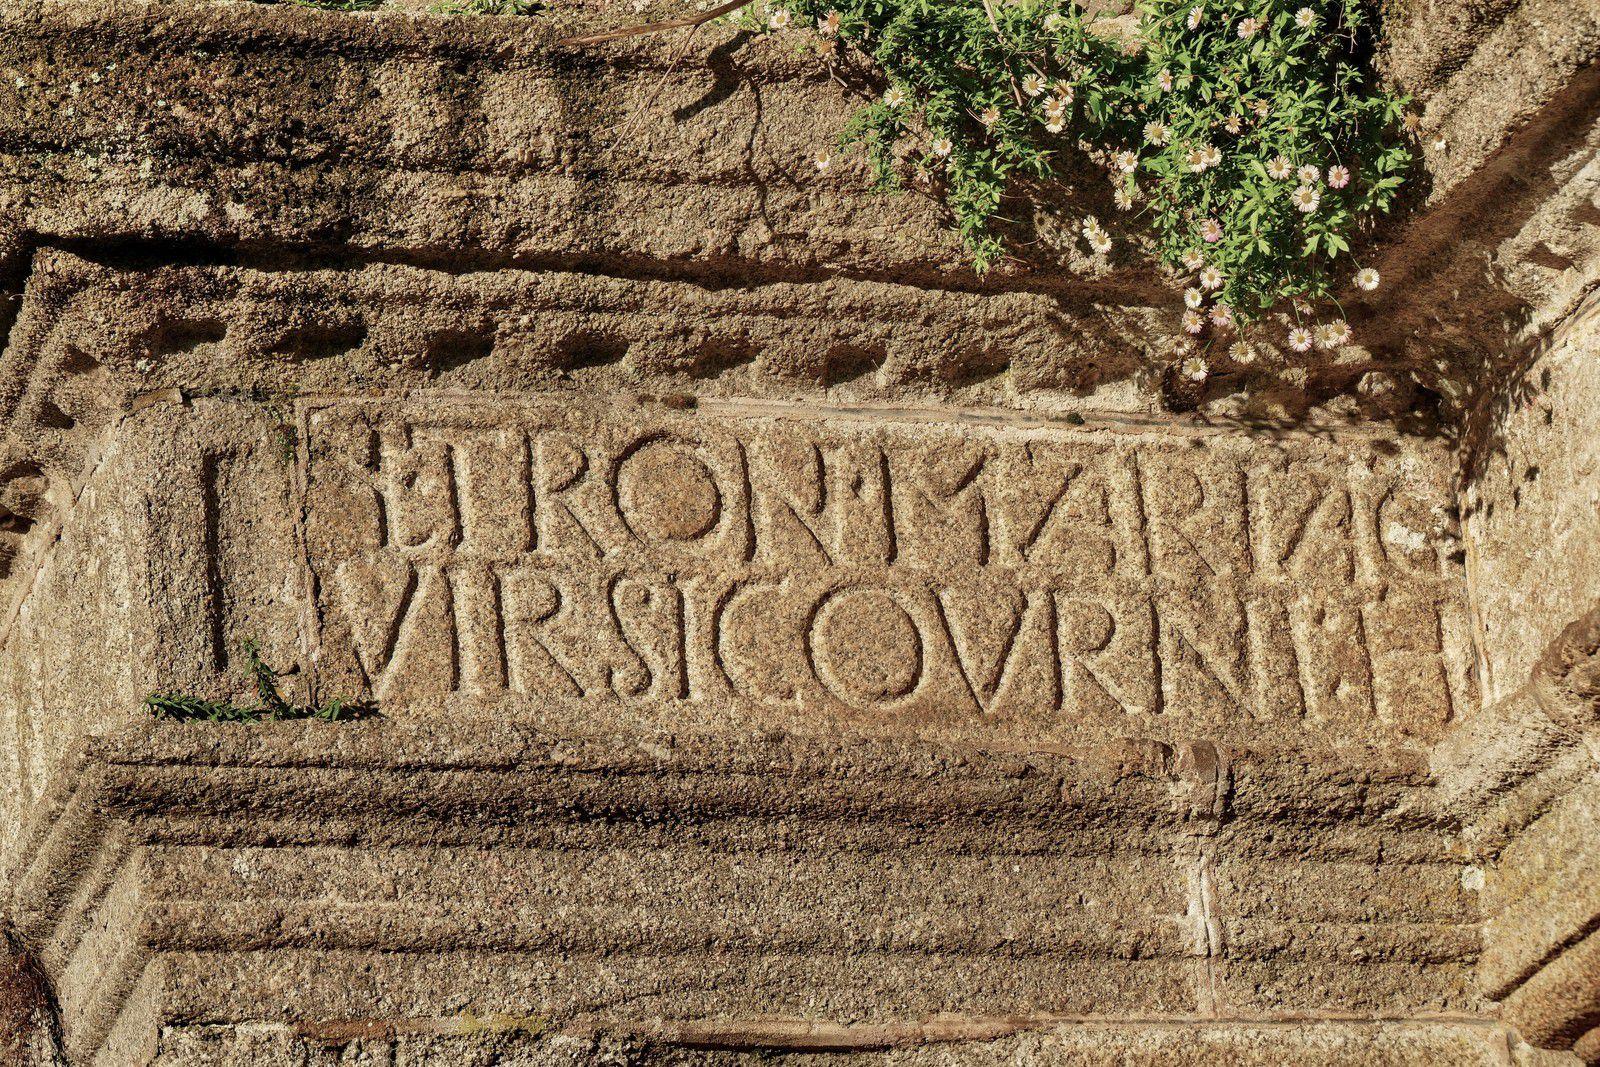 Inscription, (granite de Plounéour-Ménez, 1587), de la porte monumentale de Saint-Thégonnec. Photographie lavieb-aile.